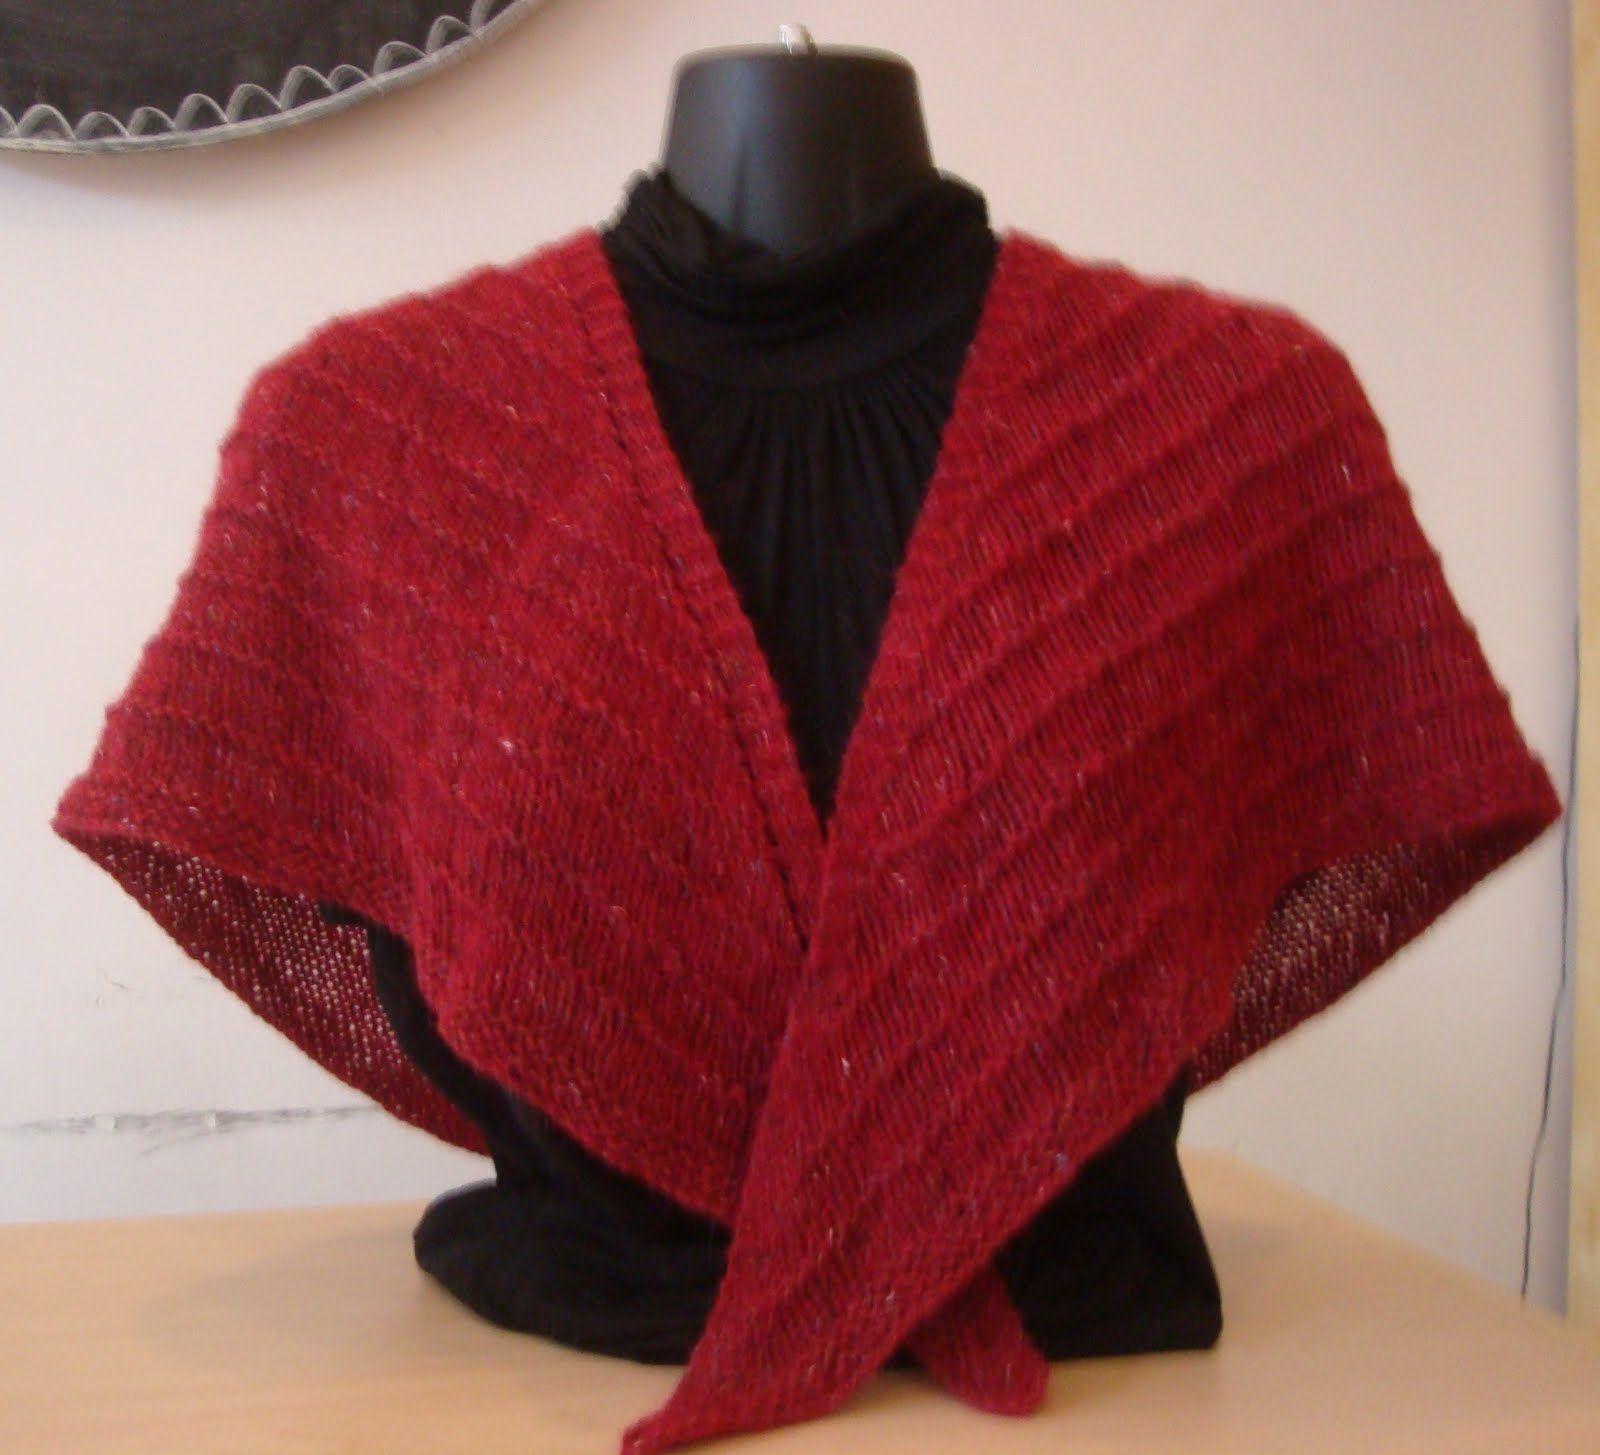 Freeknittingpatterntriangleshawl free knit shawl patterns wise hilda knits free pattern basic triangle shawl non lacy very easy crochet bankloansurffo Choice Image